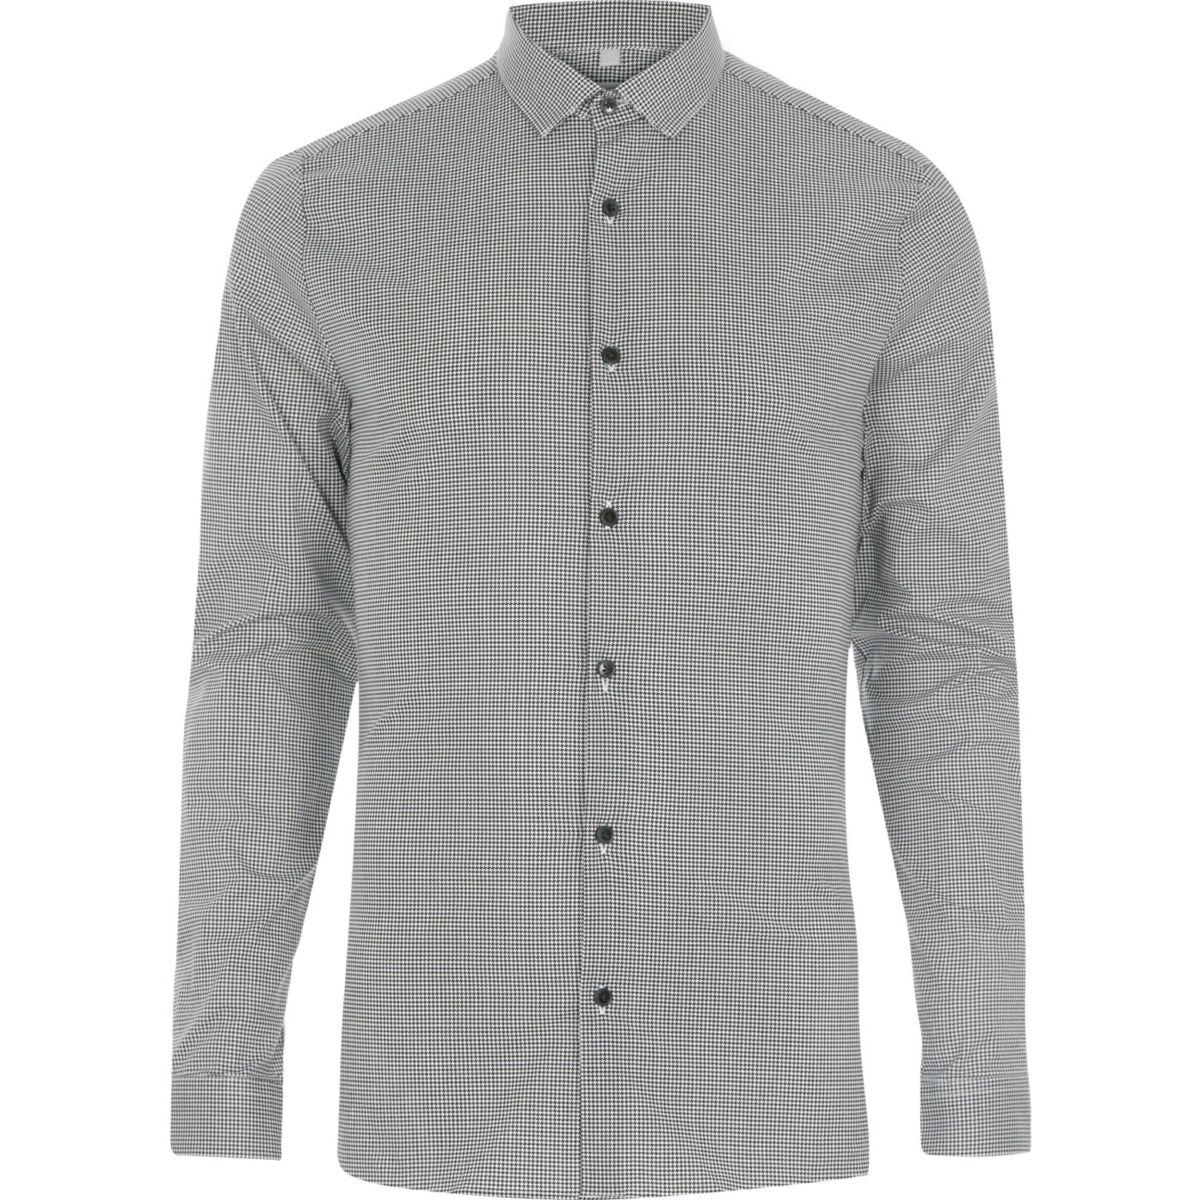 Black houndstooth smart skinny fit shirt